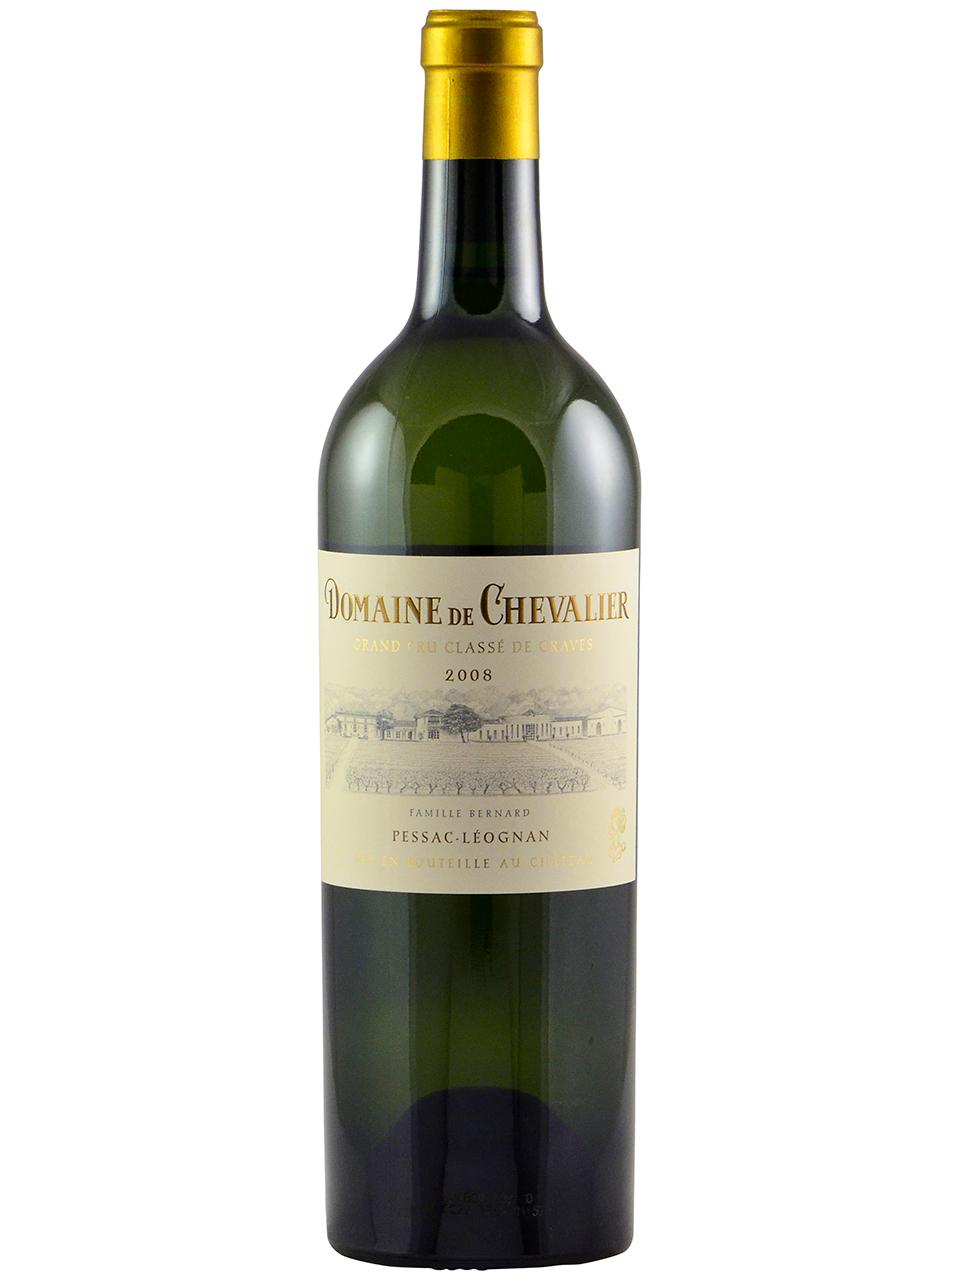 Domaine de Chevalier White Graves Cru Classe 2008